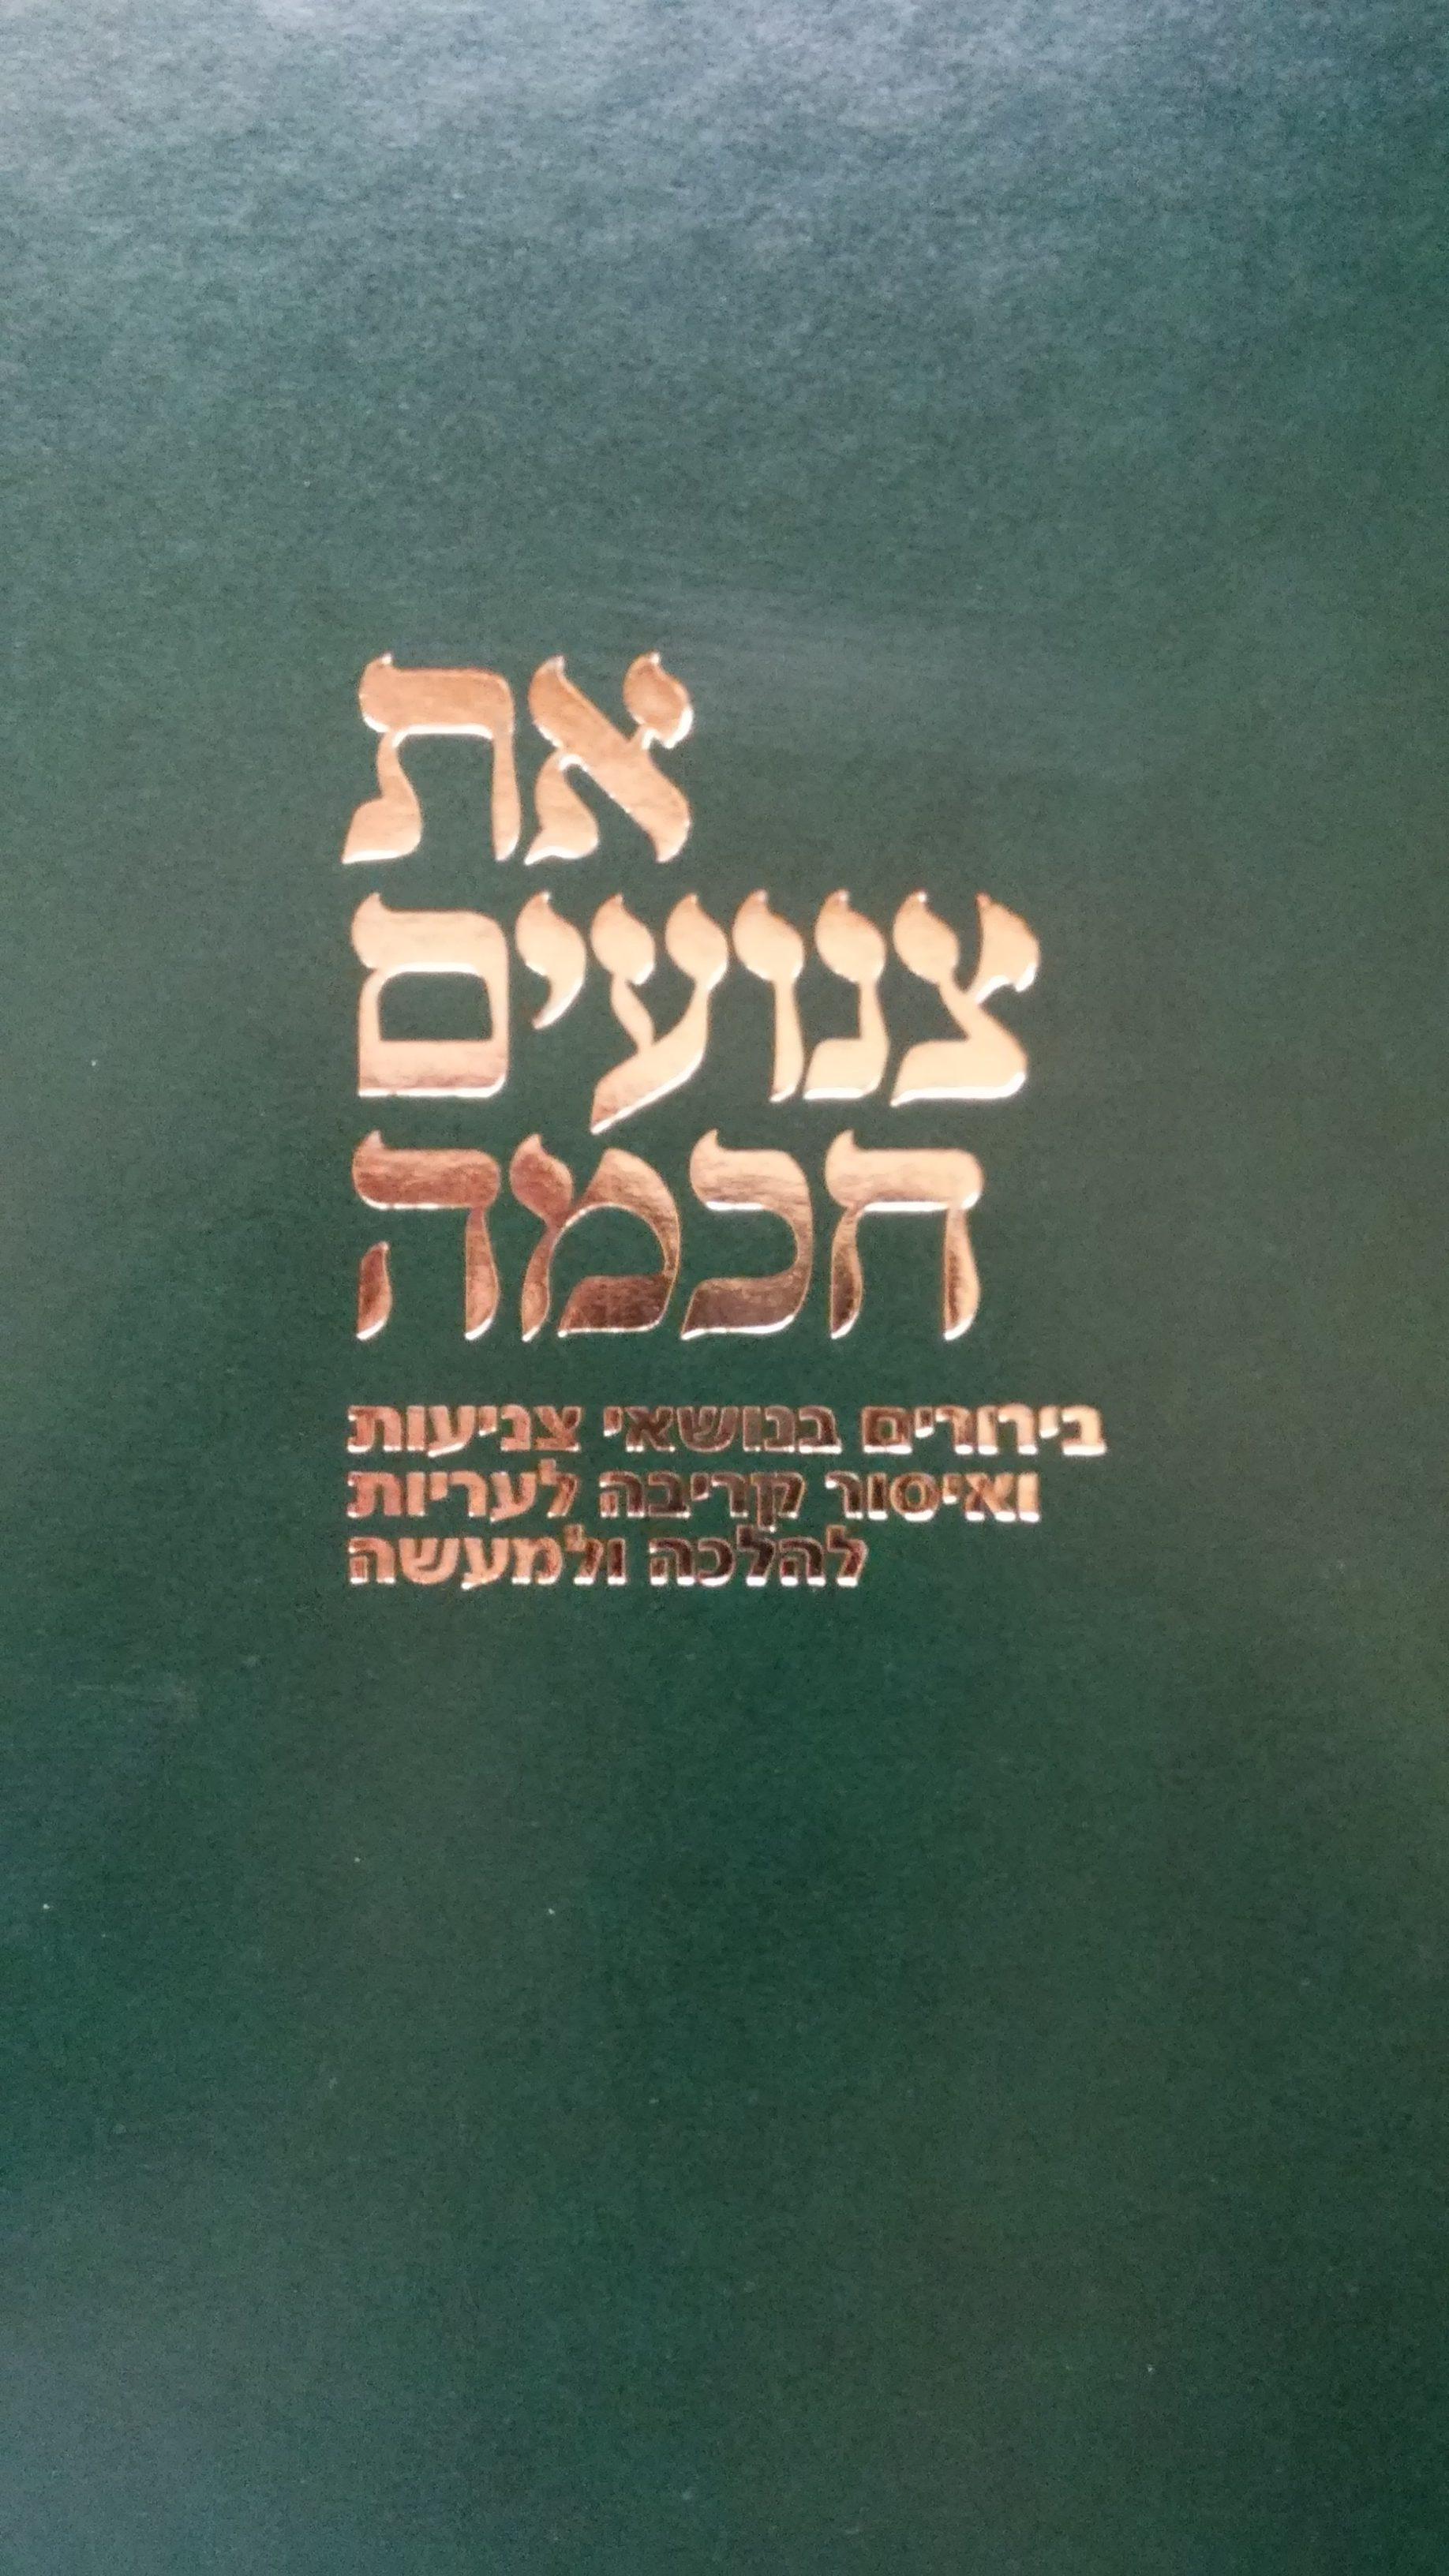 את צנועים חכמה -שמואל הבר